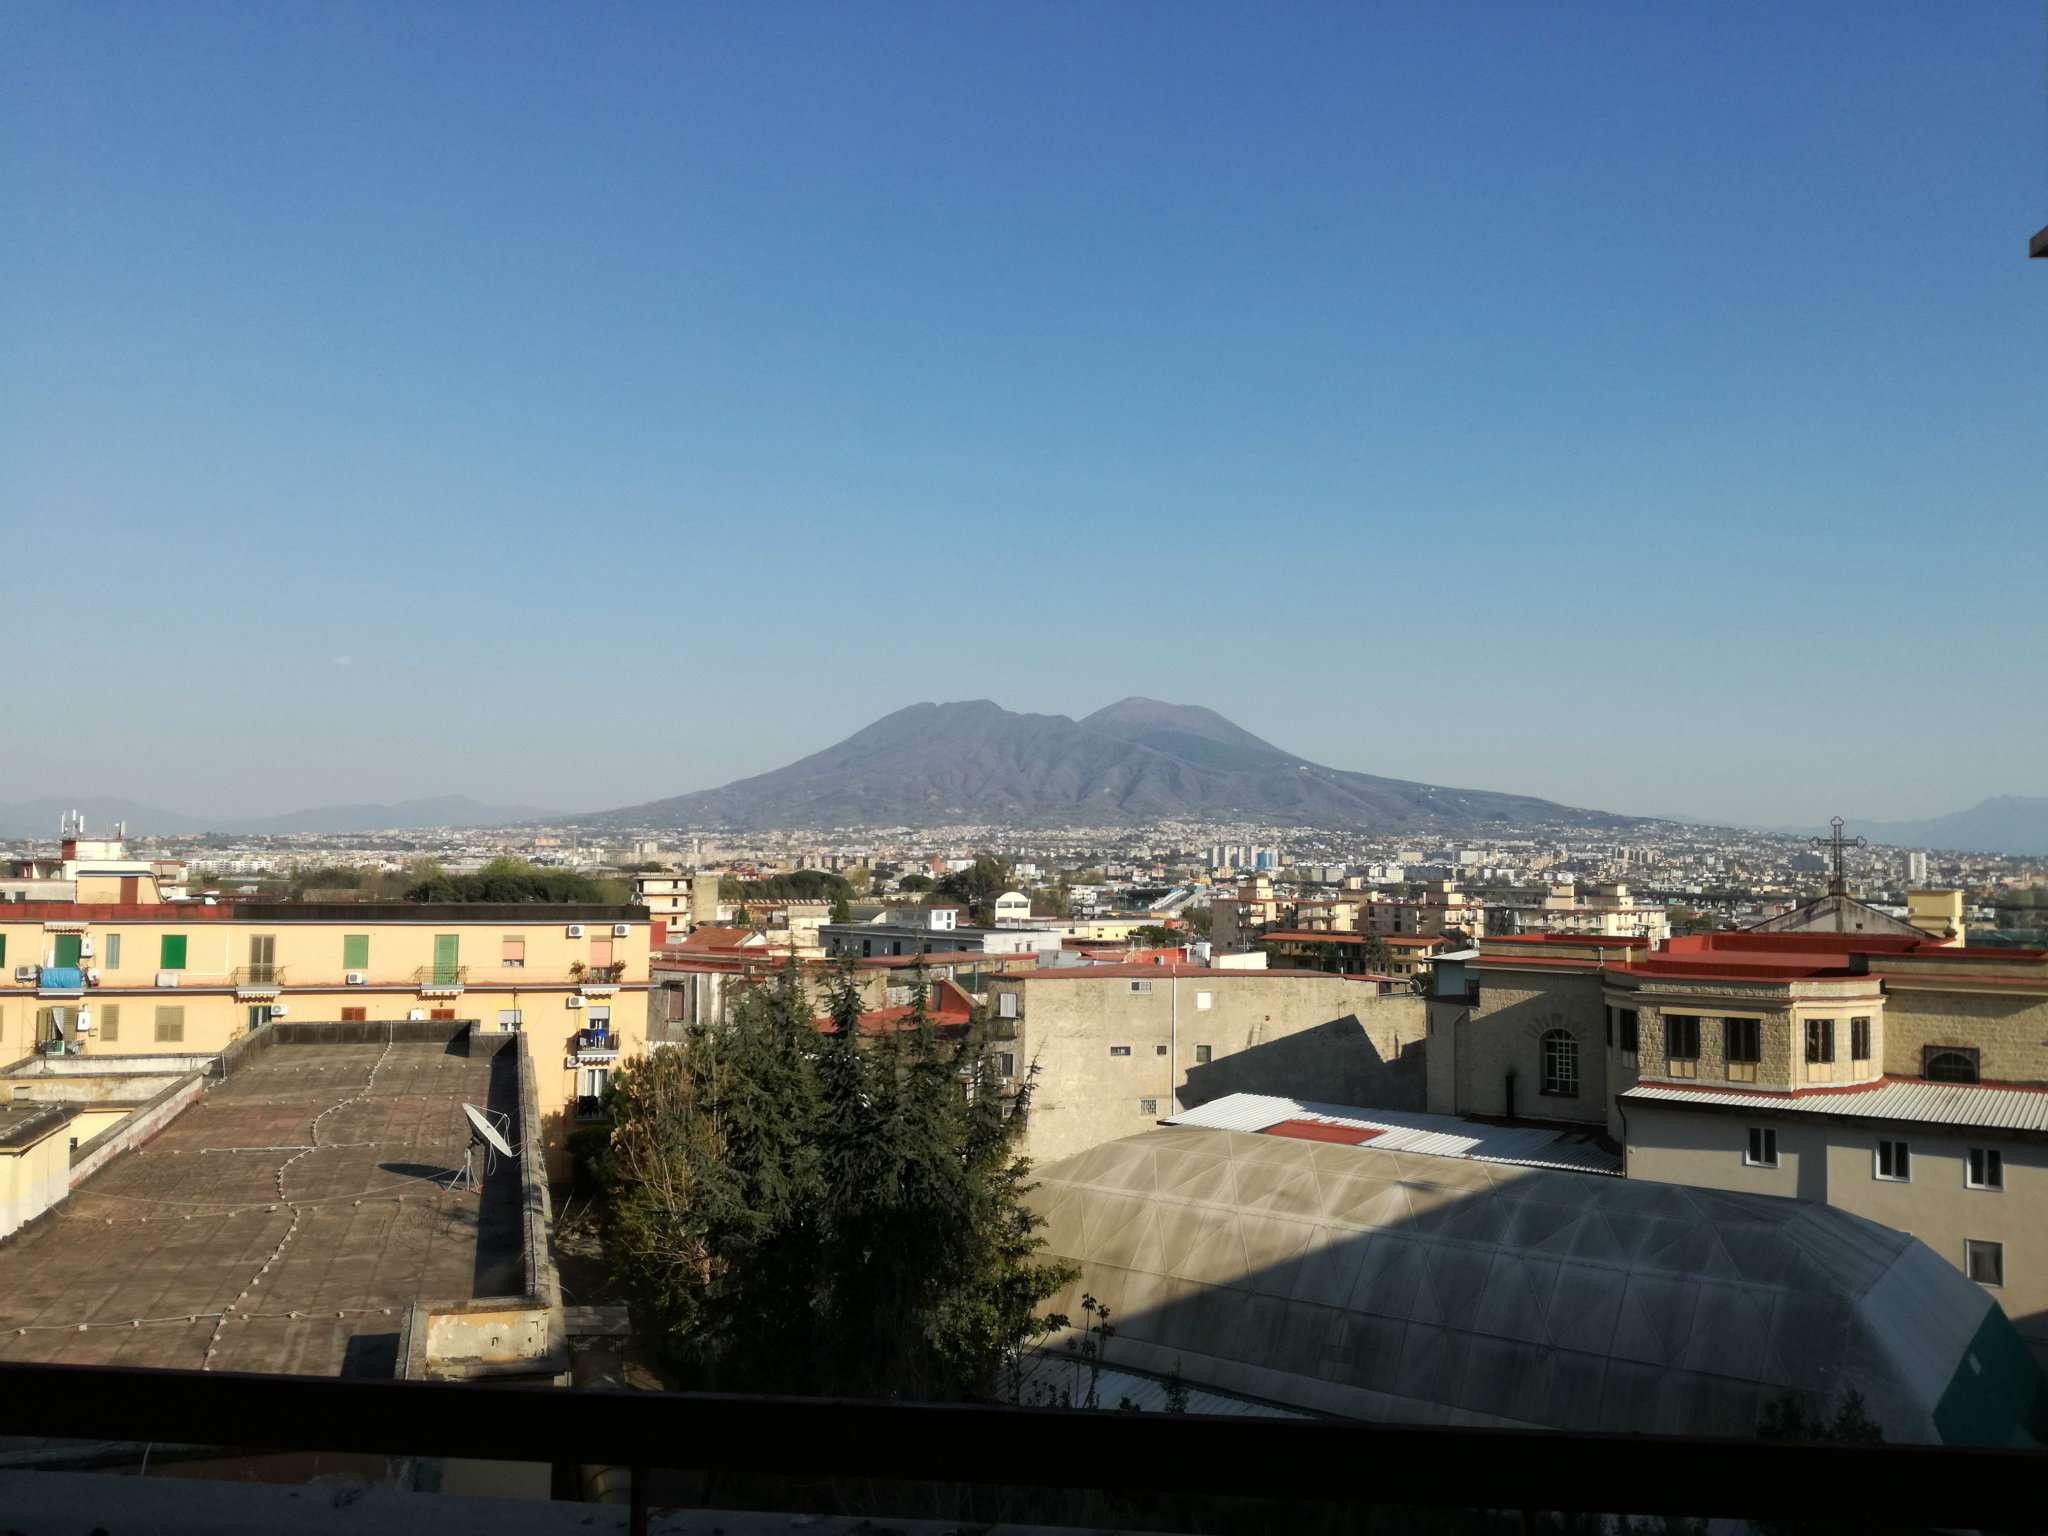 Appartamento in vendita a Casoria, 5 locali, prezzo € 310.000 | CambioCasa.it